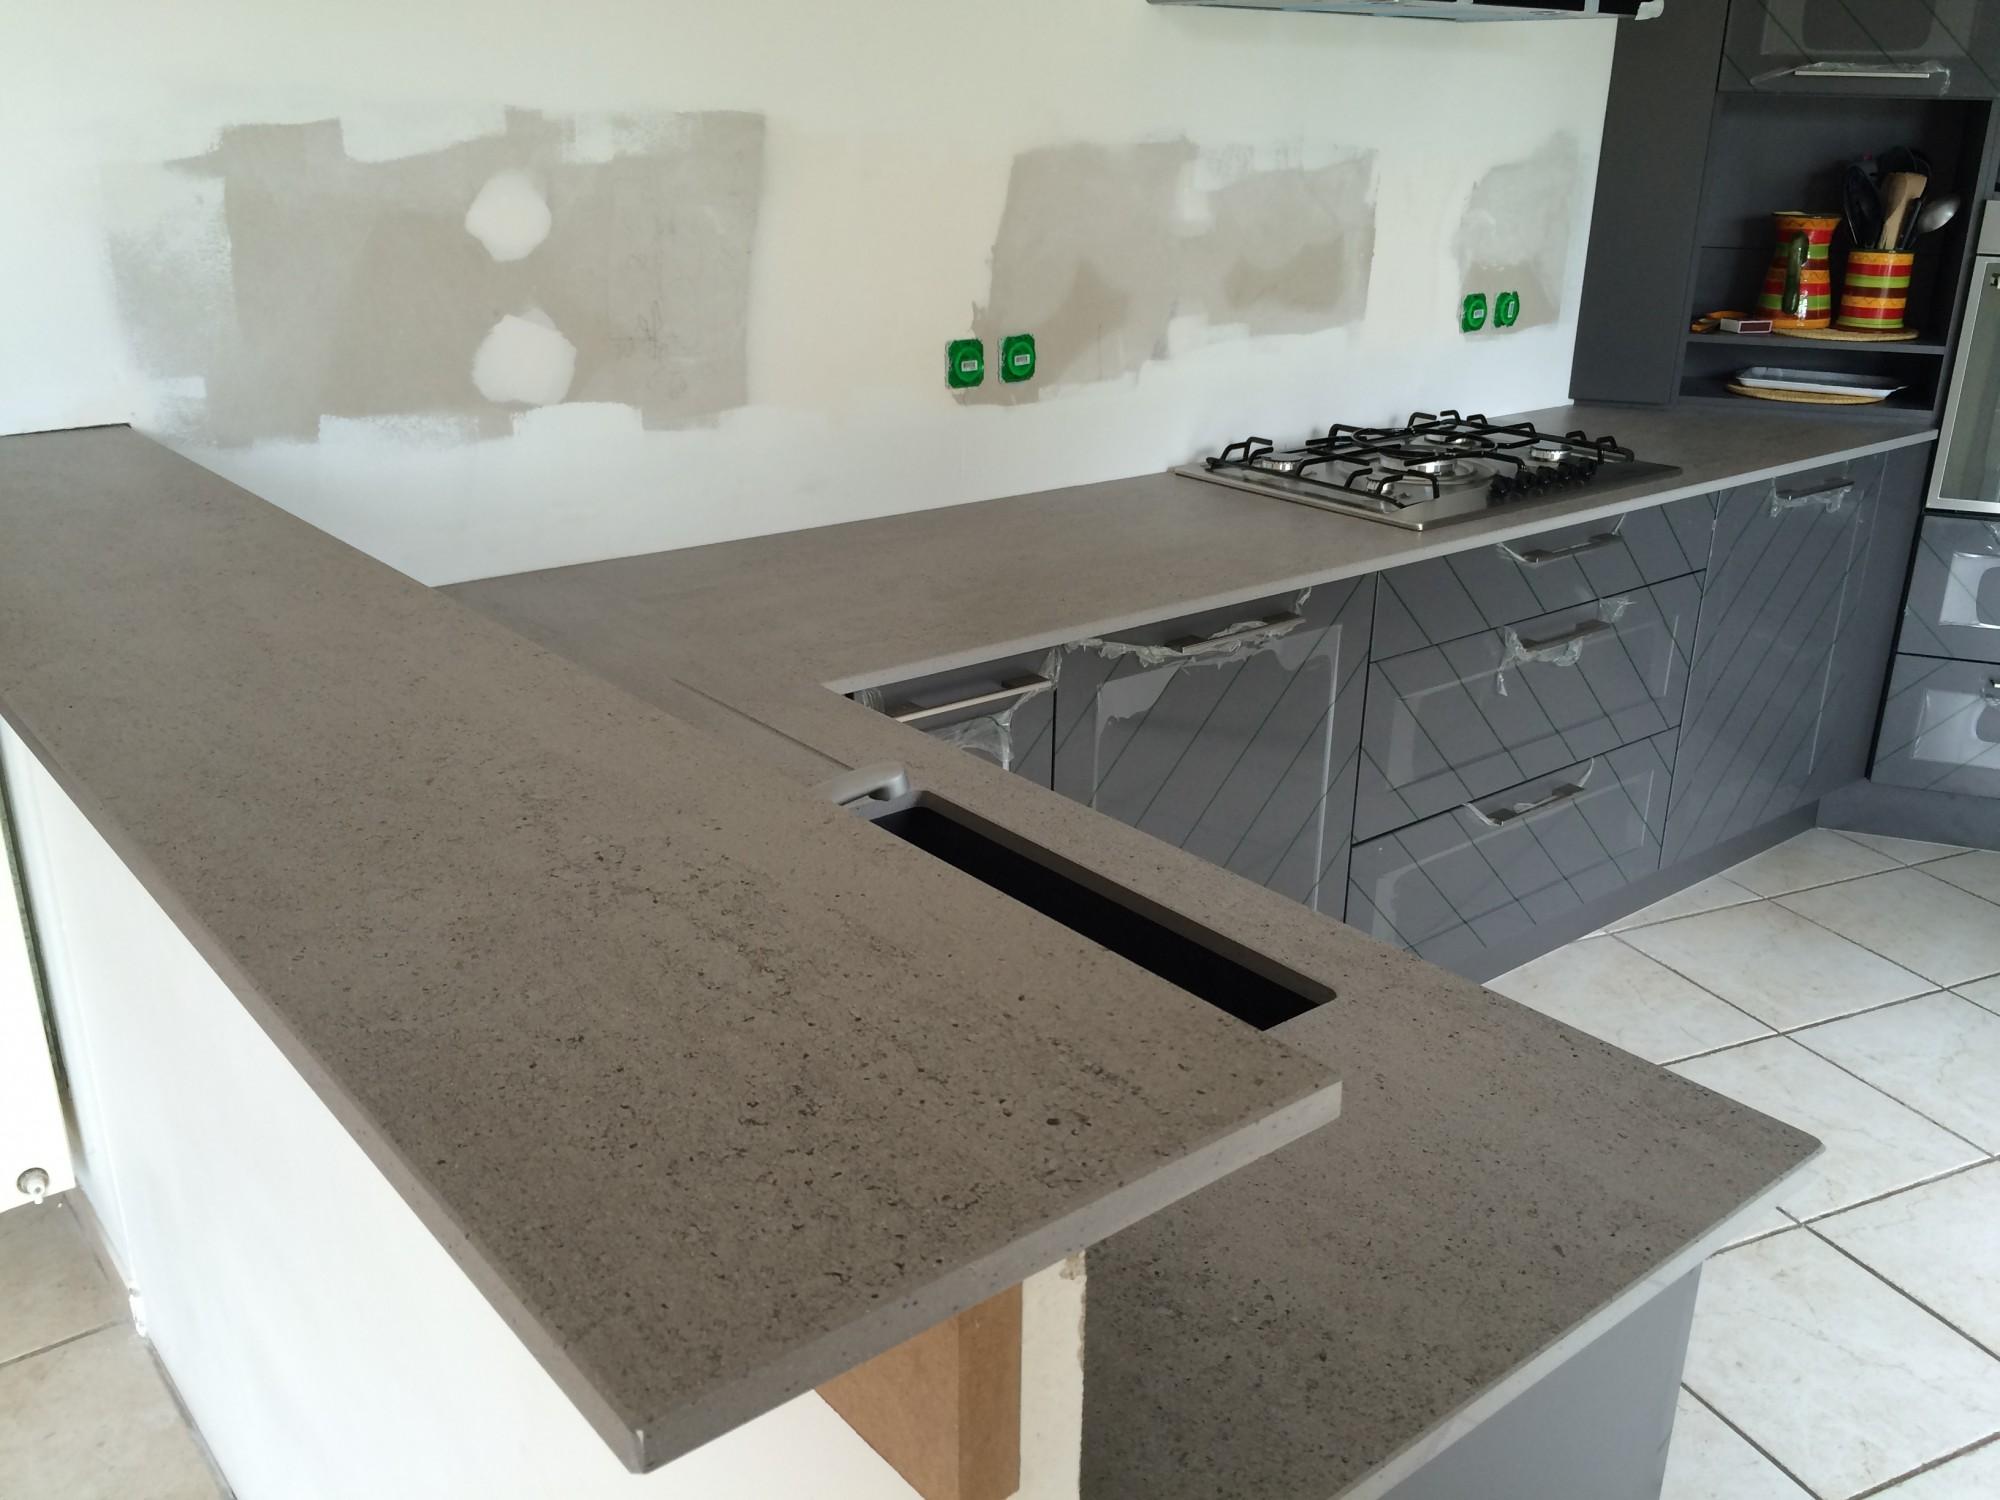 DEKTON KEON - comptoir en dekton, quartz ou granit en région bordelaise